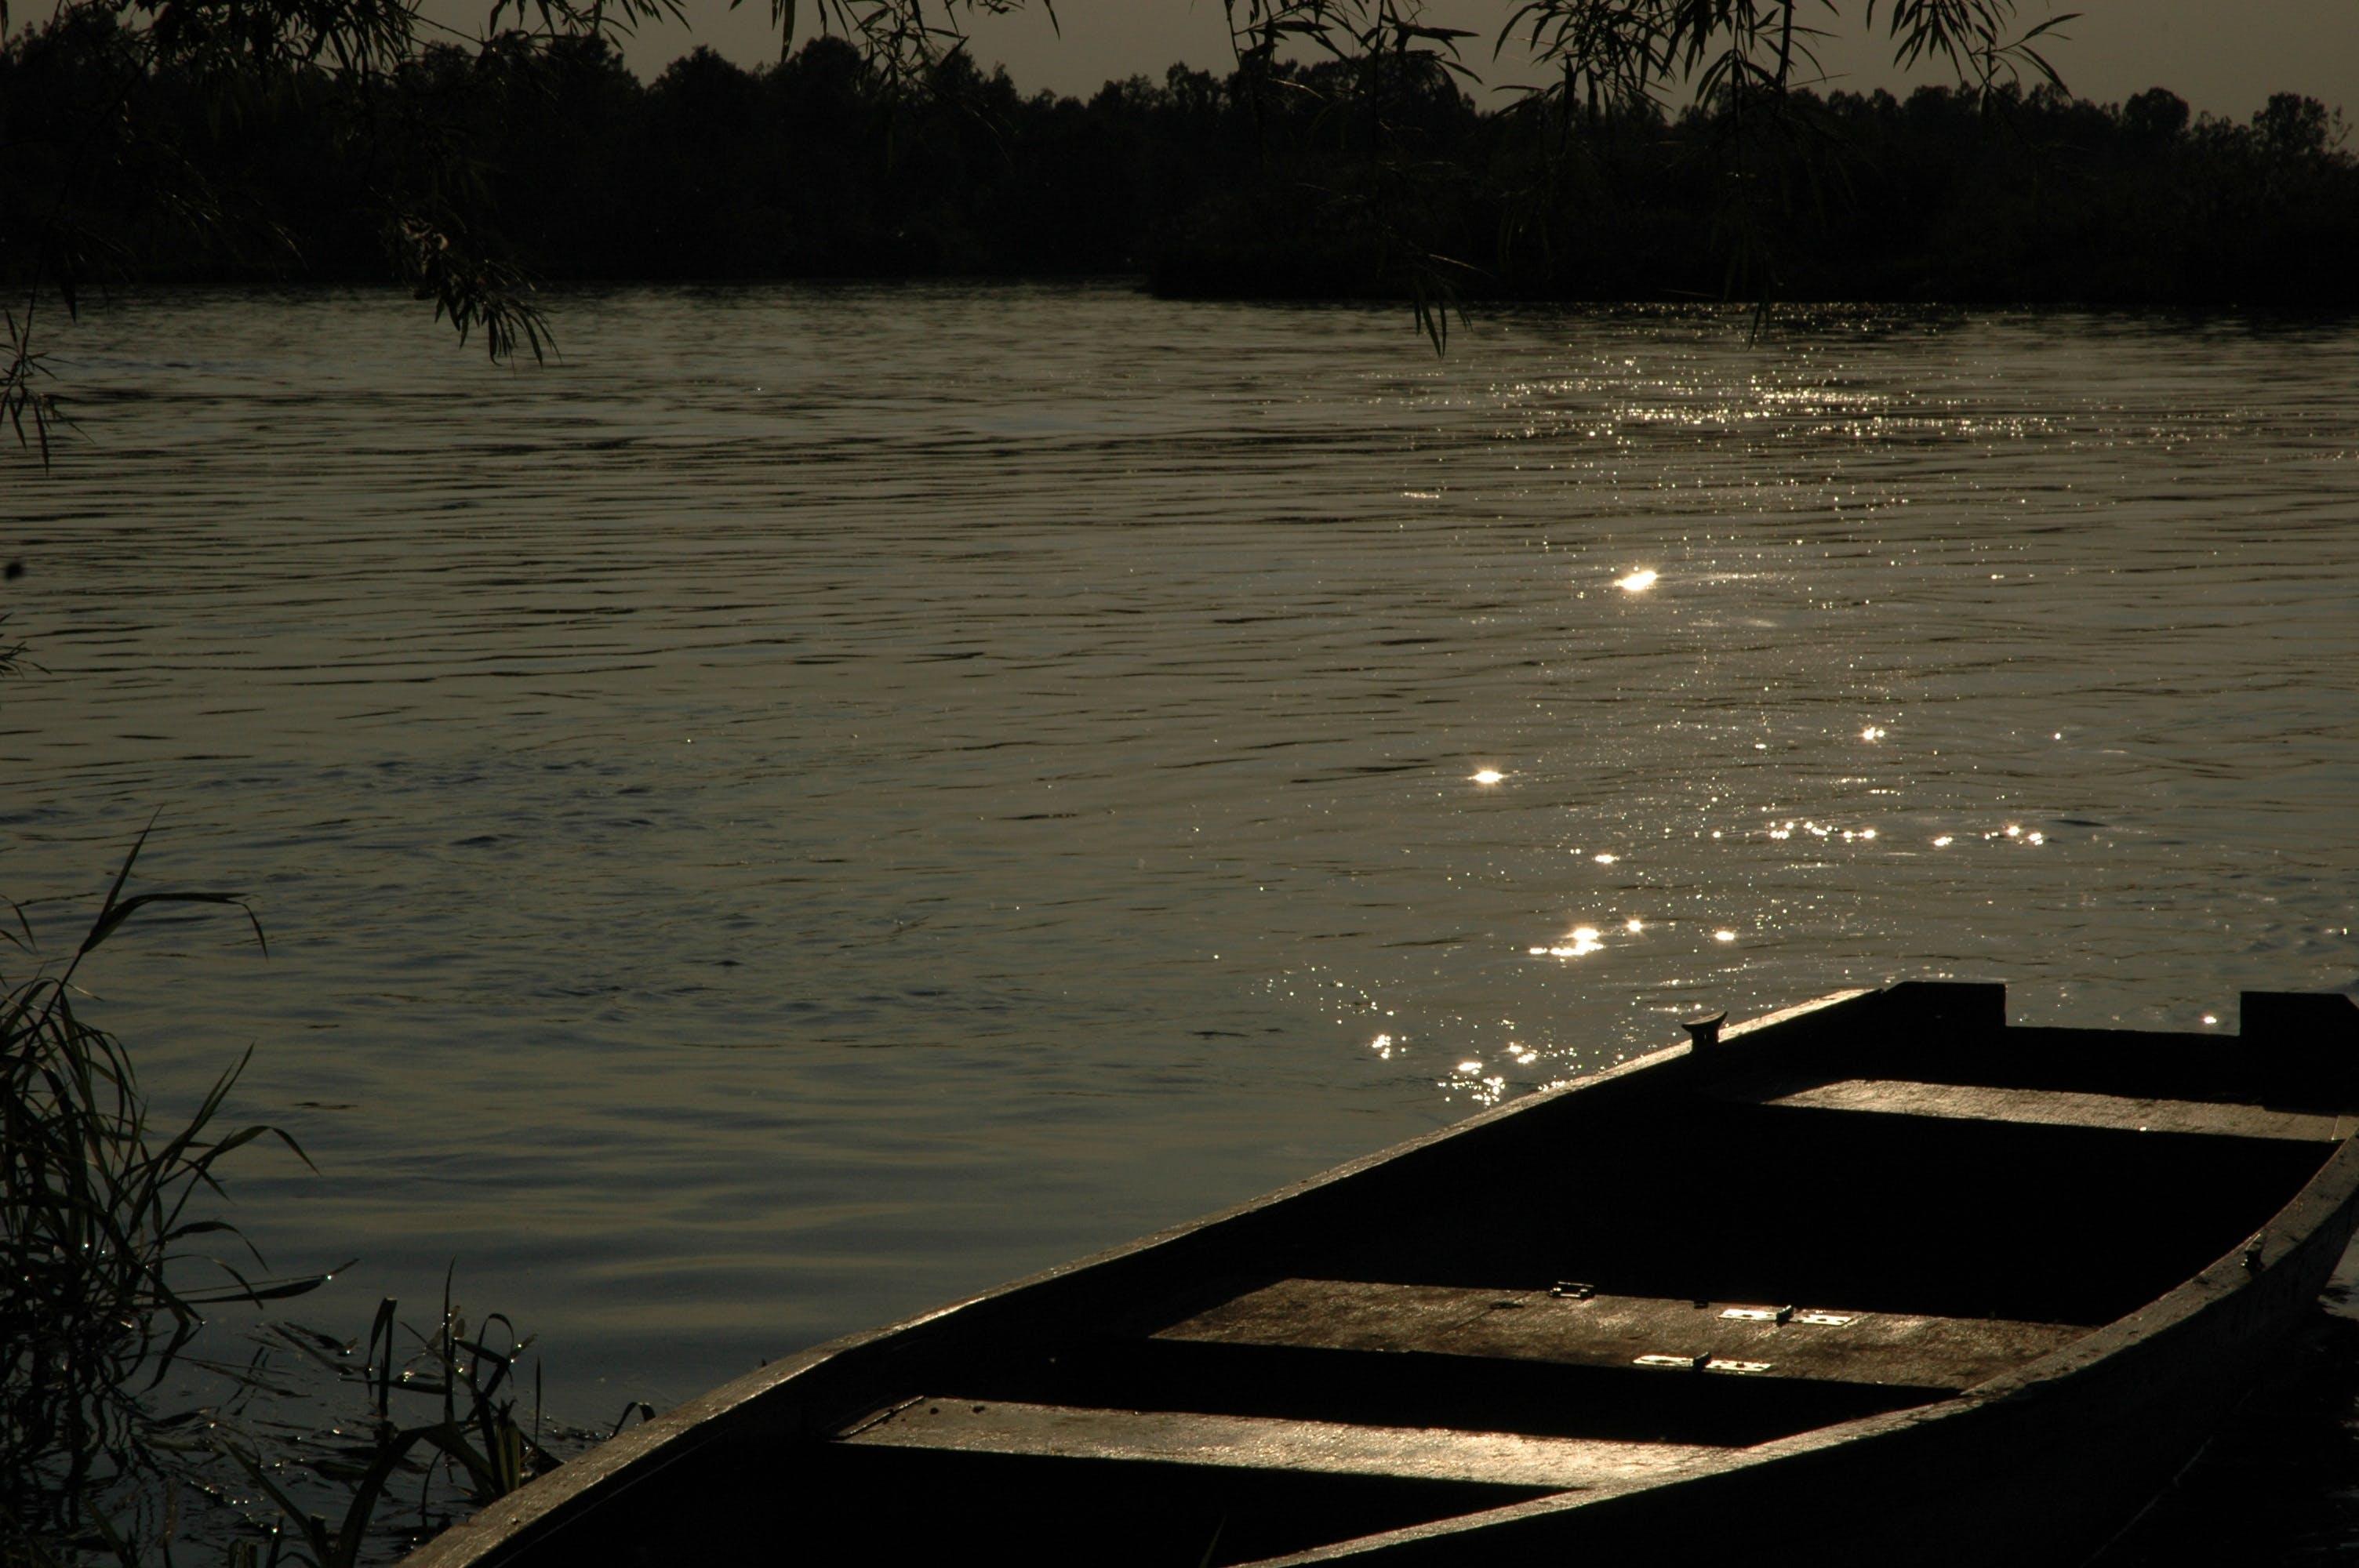 Free stock photo of landscape, nature, sunset, boat